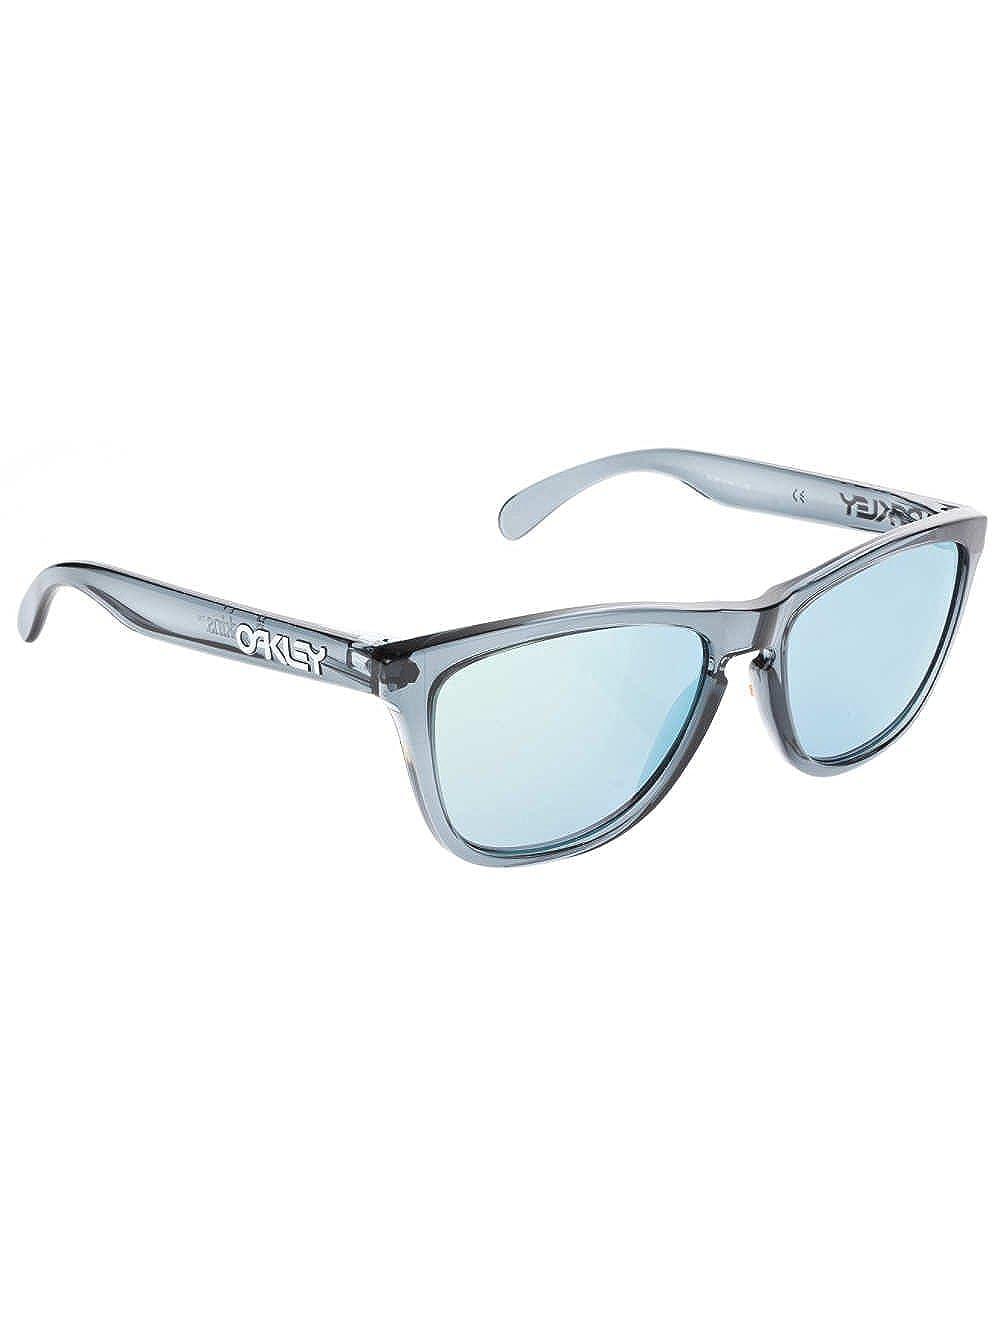 batwolf oakley canada  oakley frogskins sunglasses